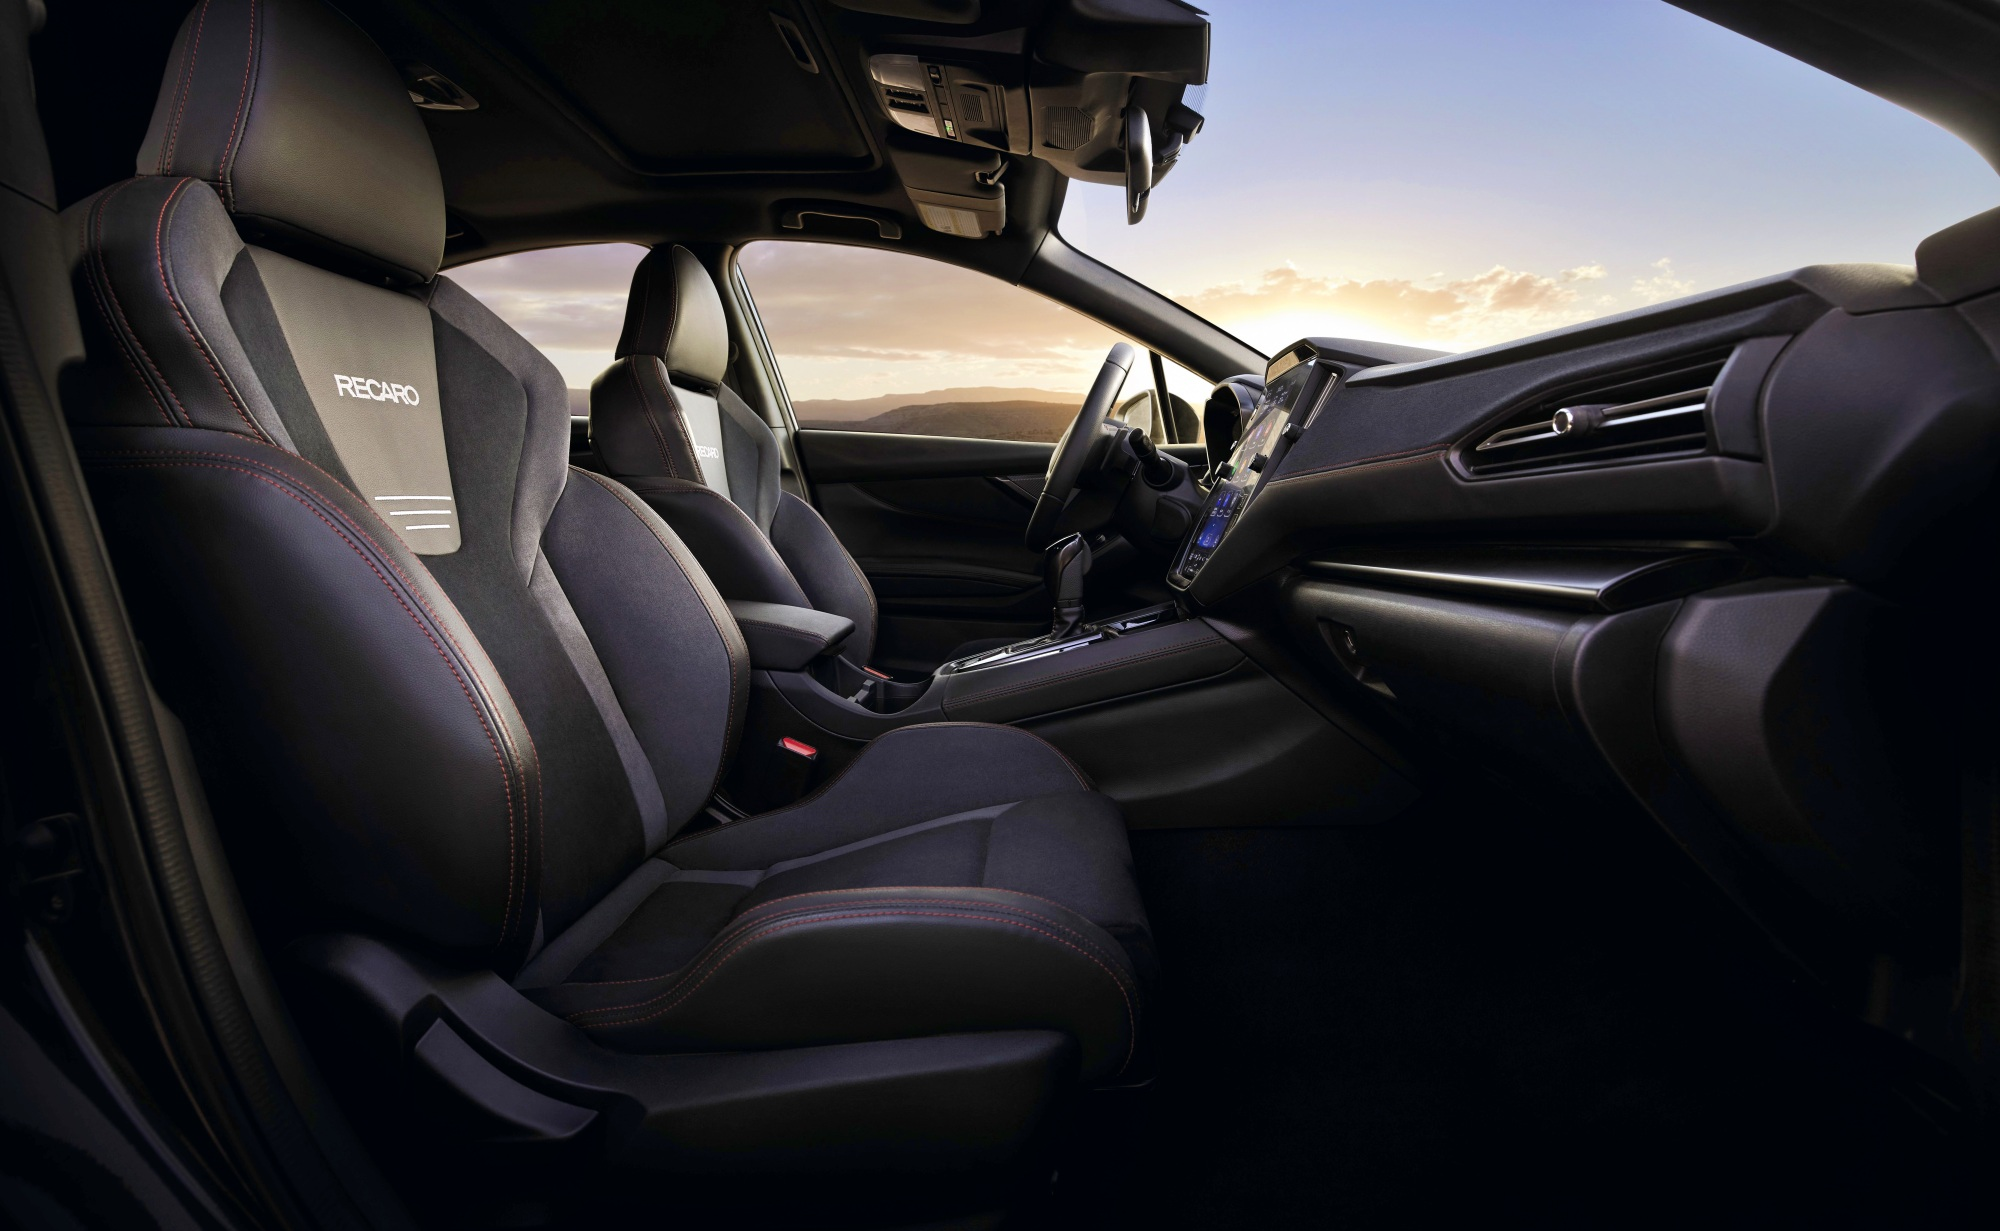 Subaru WRX fotele Recaro